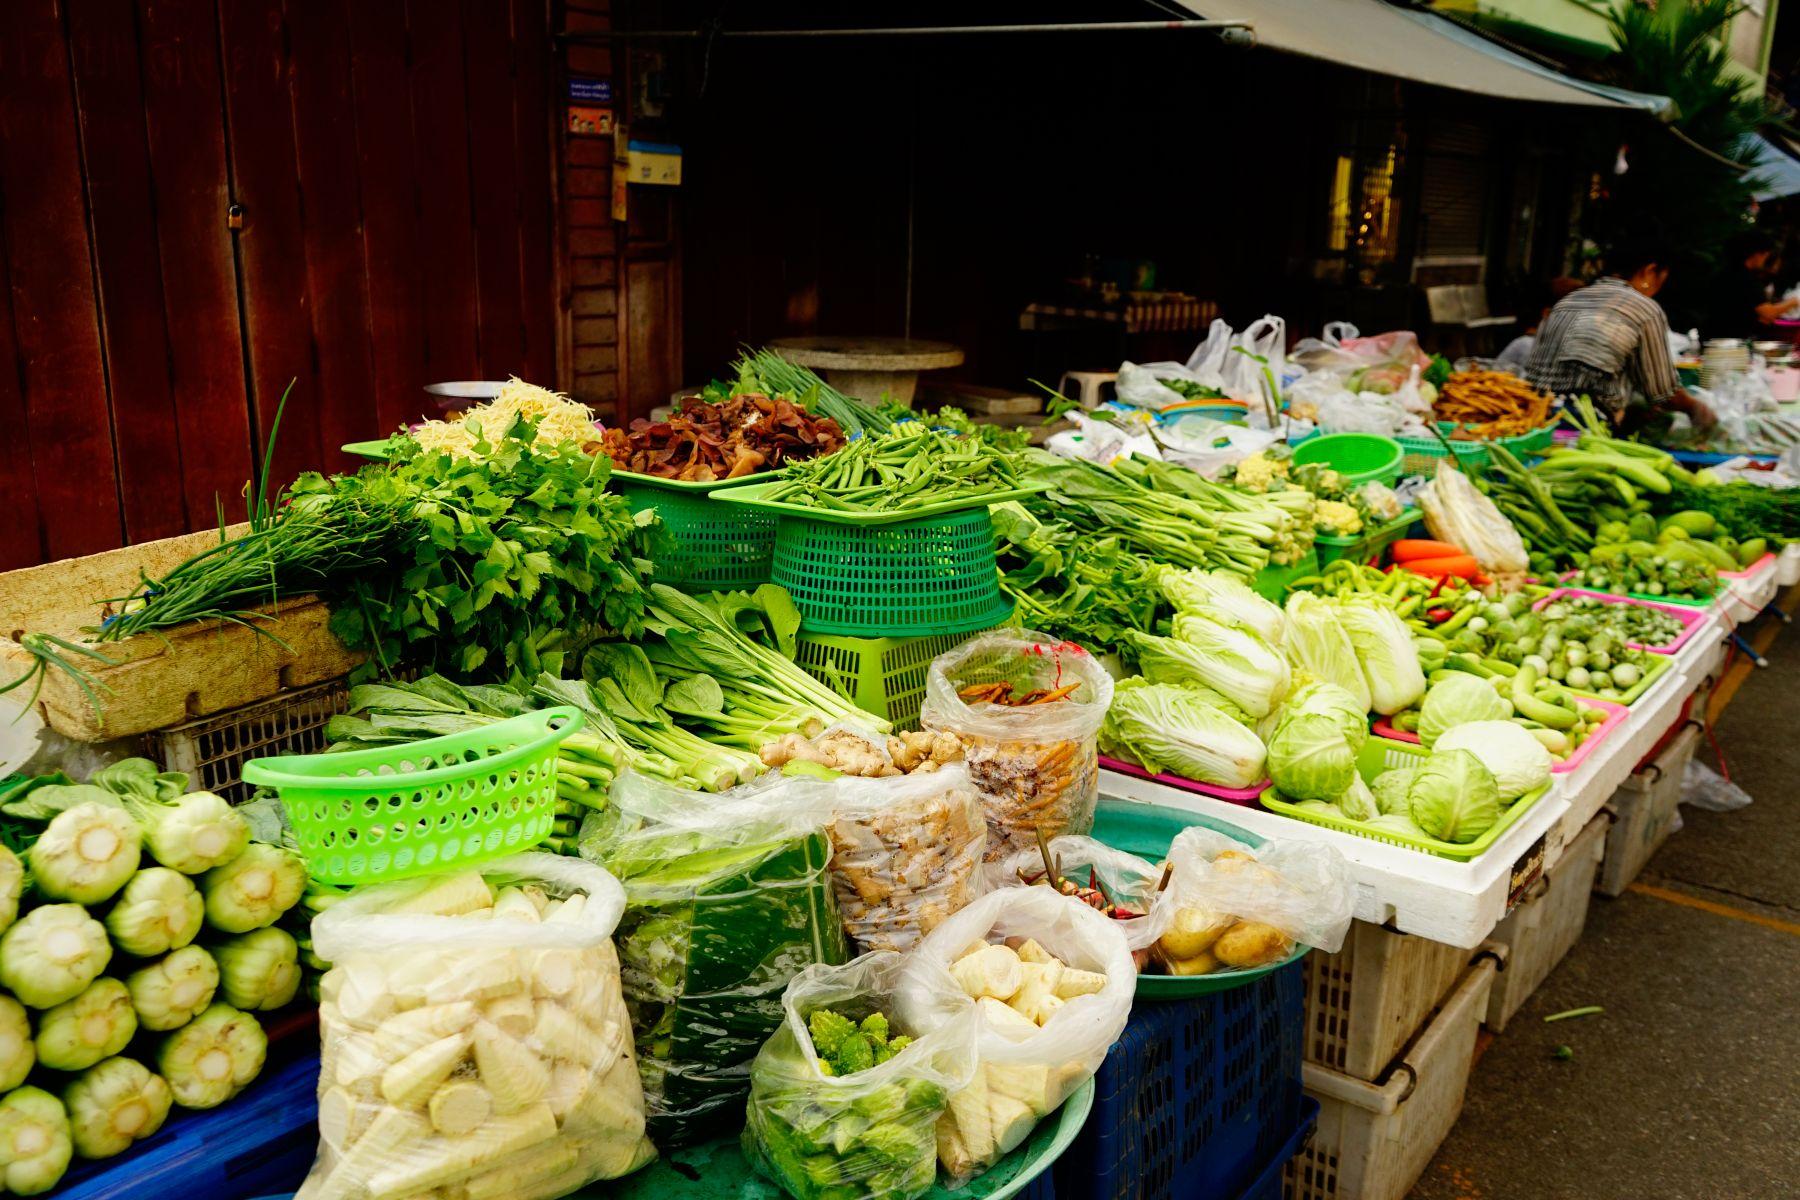 洗去蔬菜水果農藥最佳的方法就是用清水沖洗